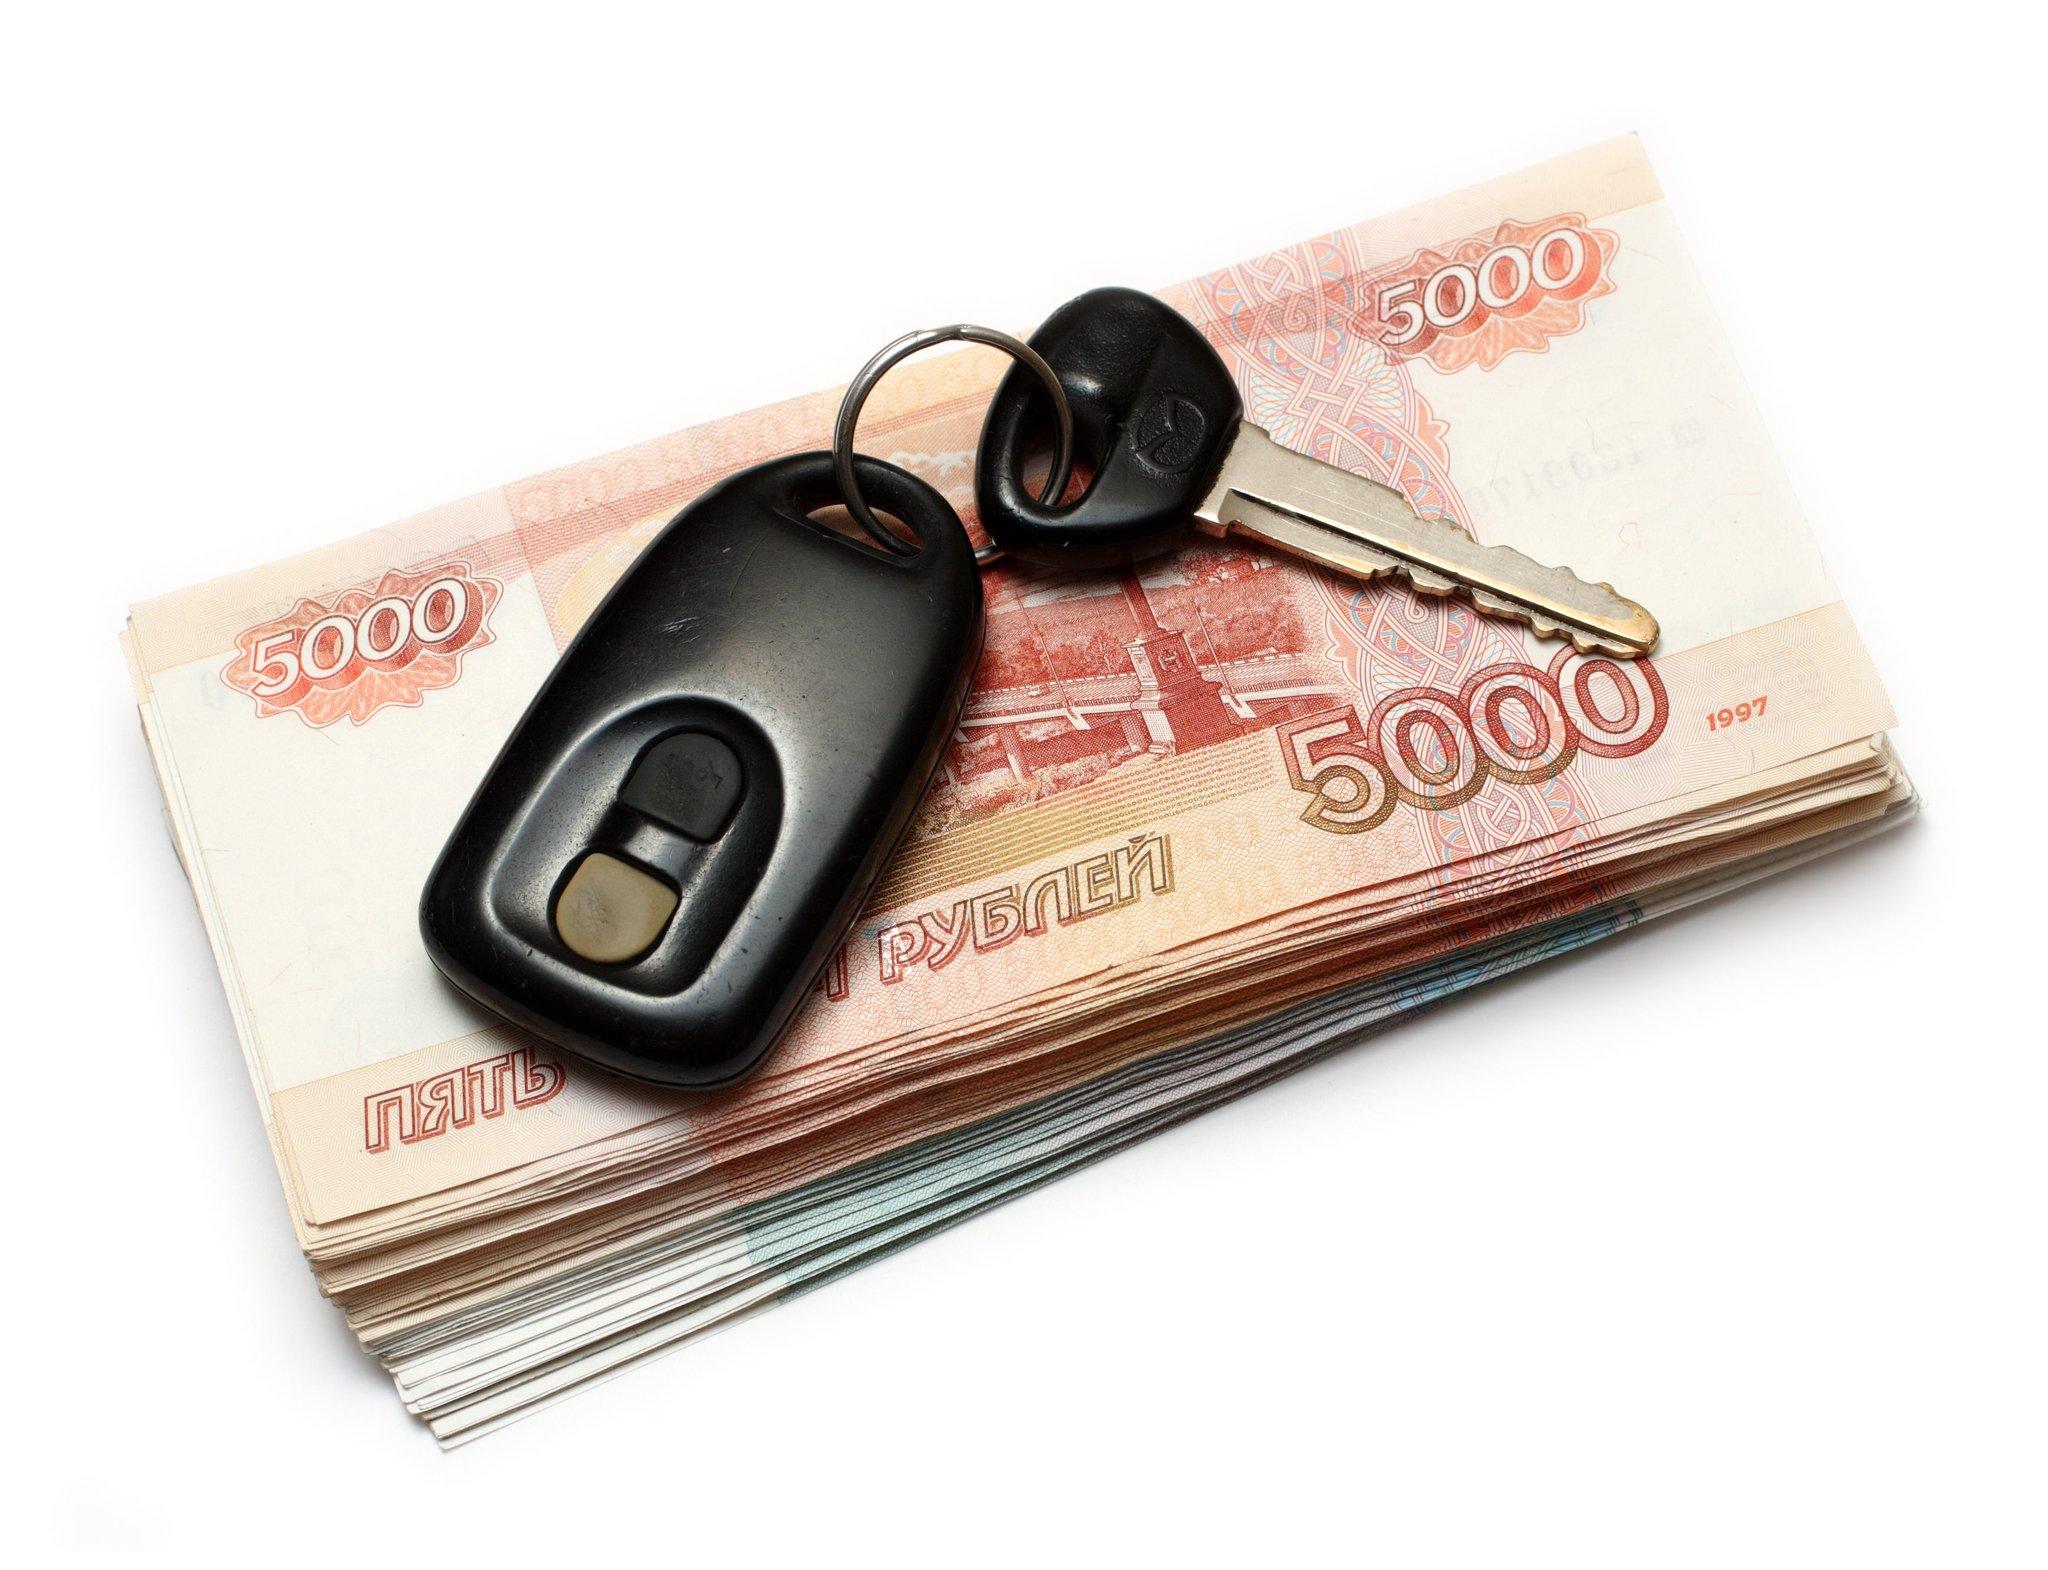 Комиссия при пополнении кредитной карты сбербанка